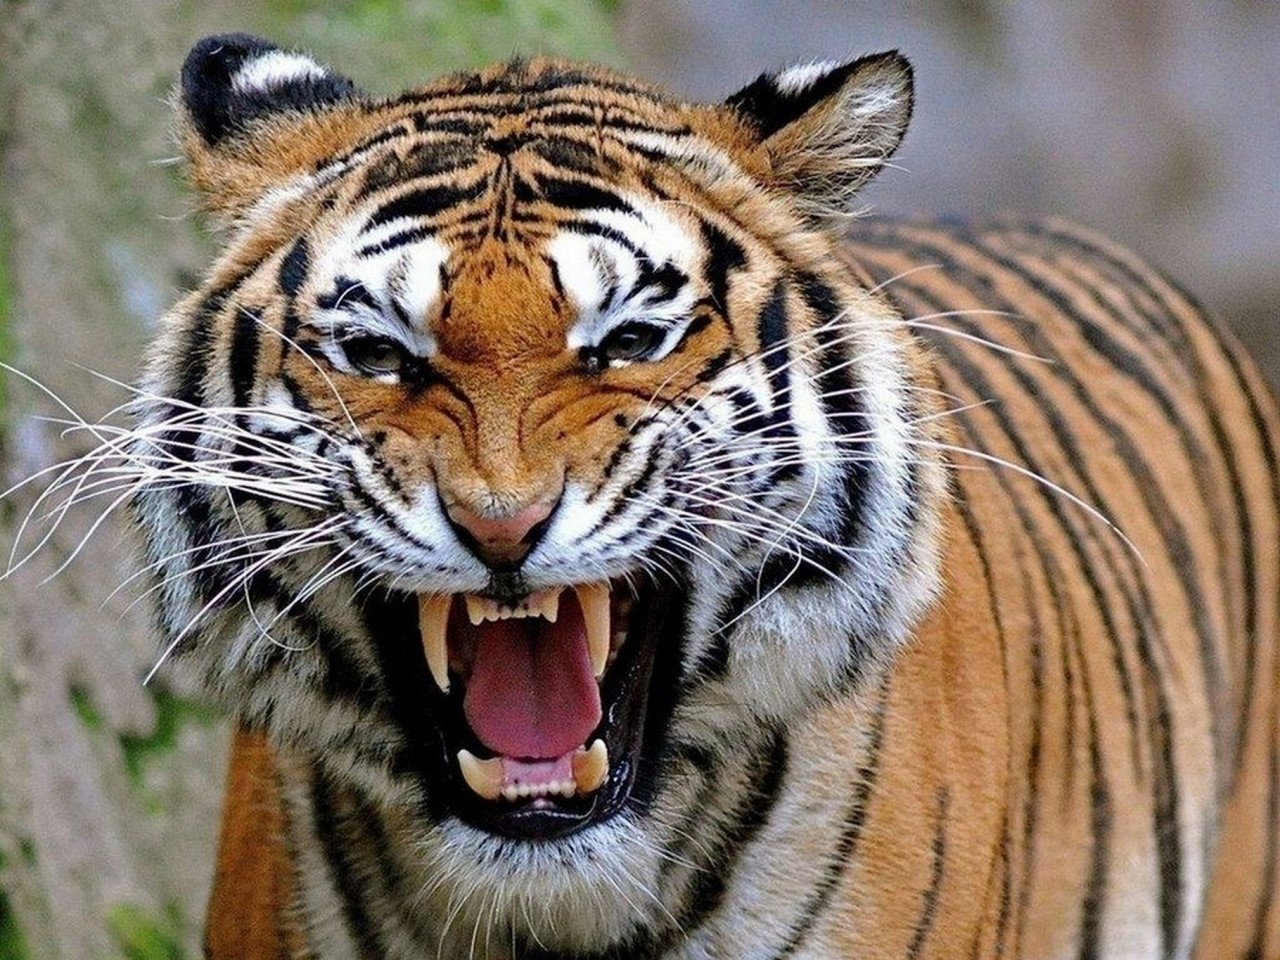 Юрий Селиванов: Однажды тигру это может надоесть…